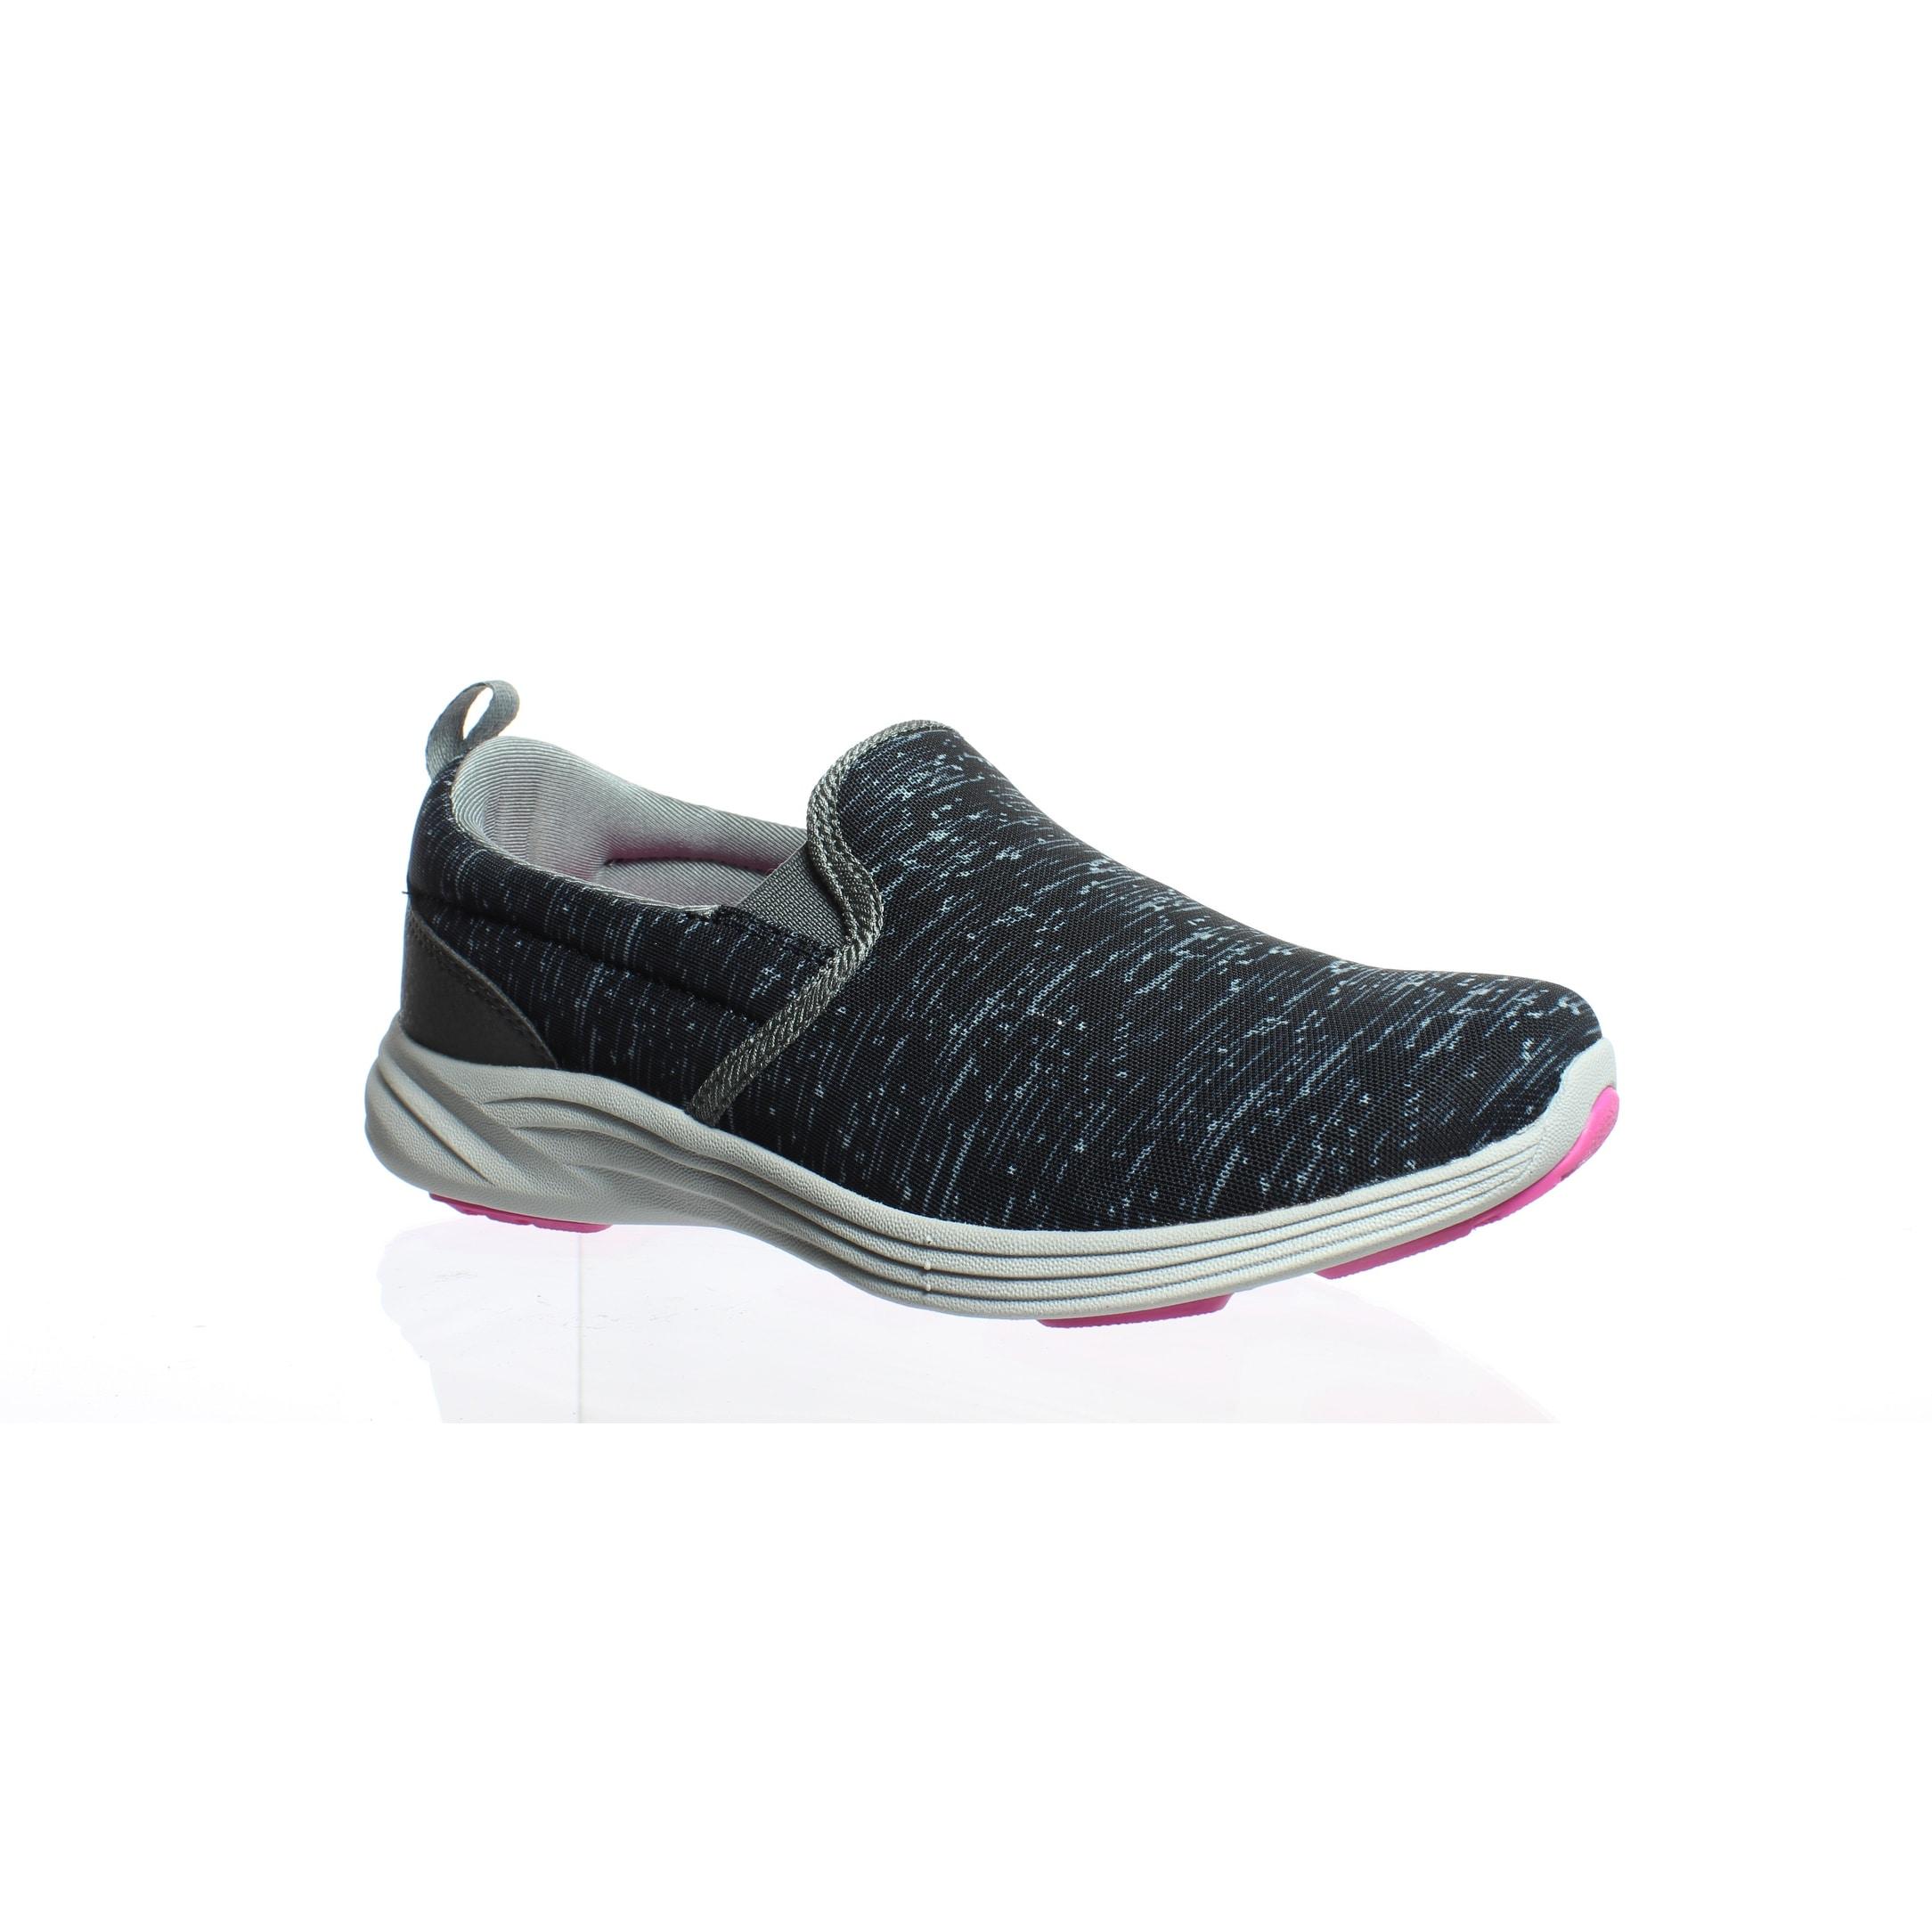 vionic kea cipő online shop 14e22 2220c